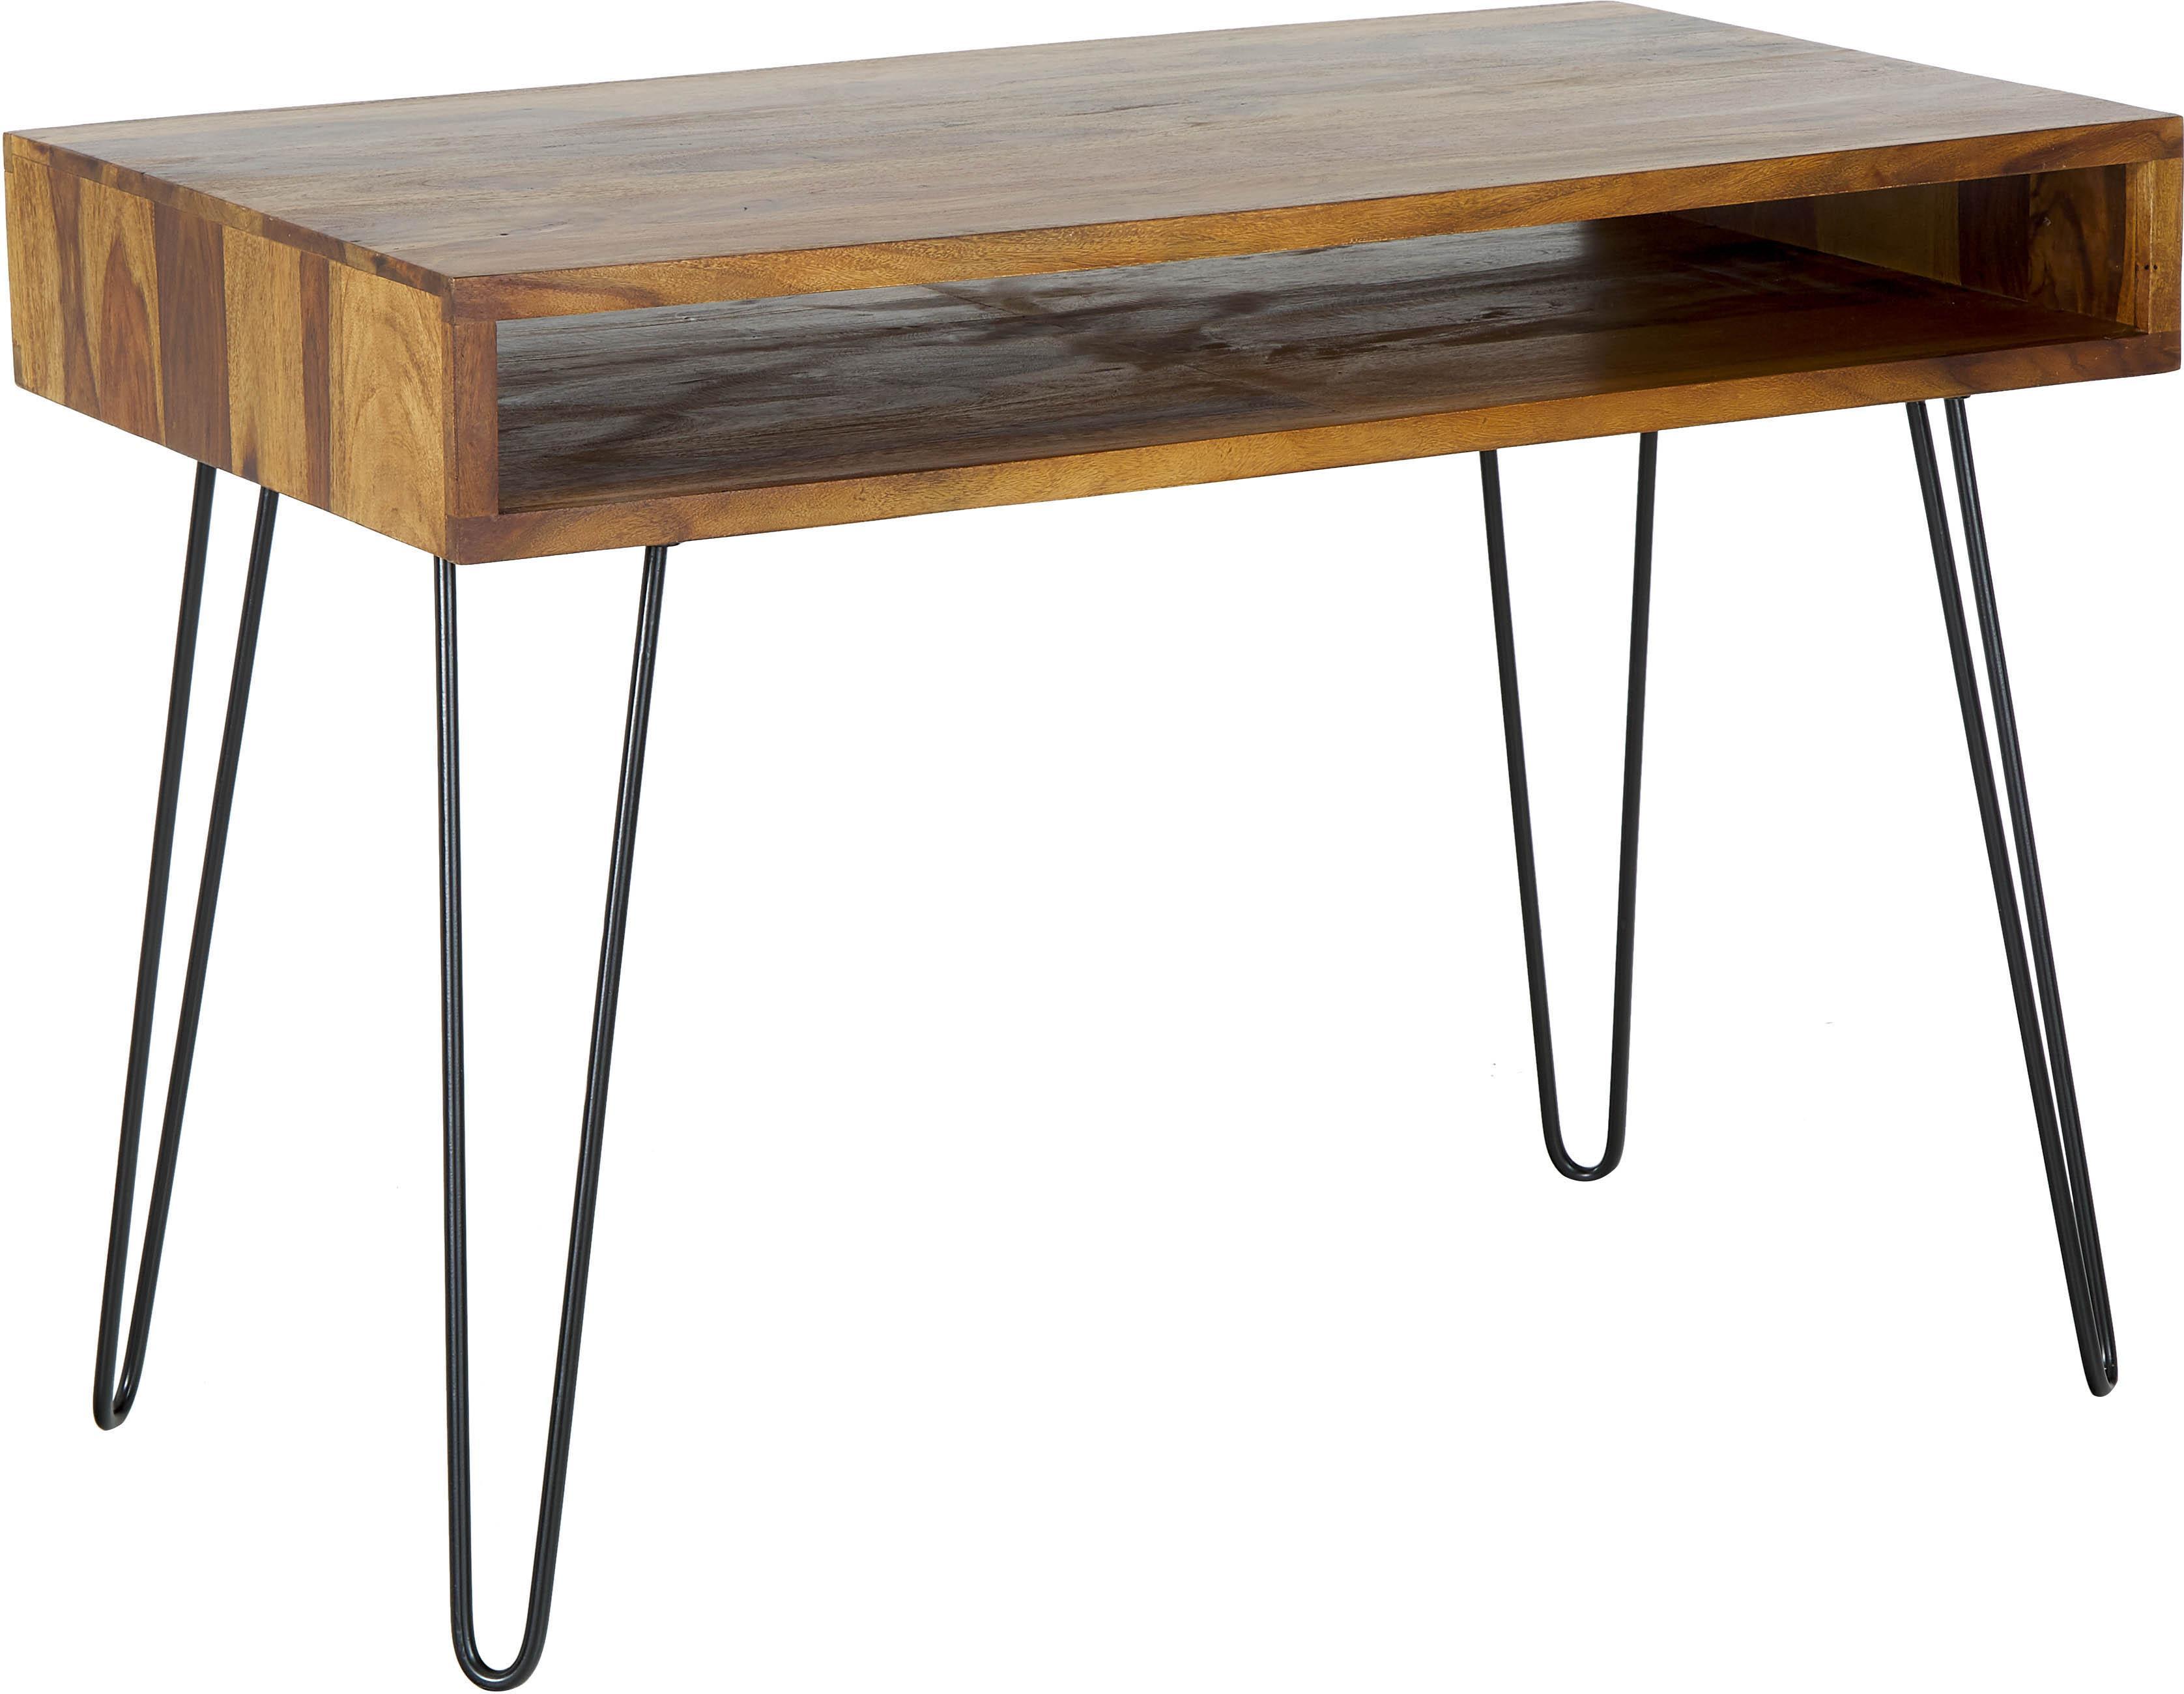 Biurko z drewna i metalu Repa, Korpus: drewno sheesham, lite, la, Nogi: metal lakierowany, Drewno palisandrowe, czarny, S 110 x W 76 cm